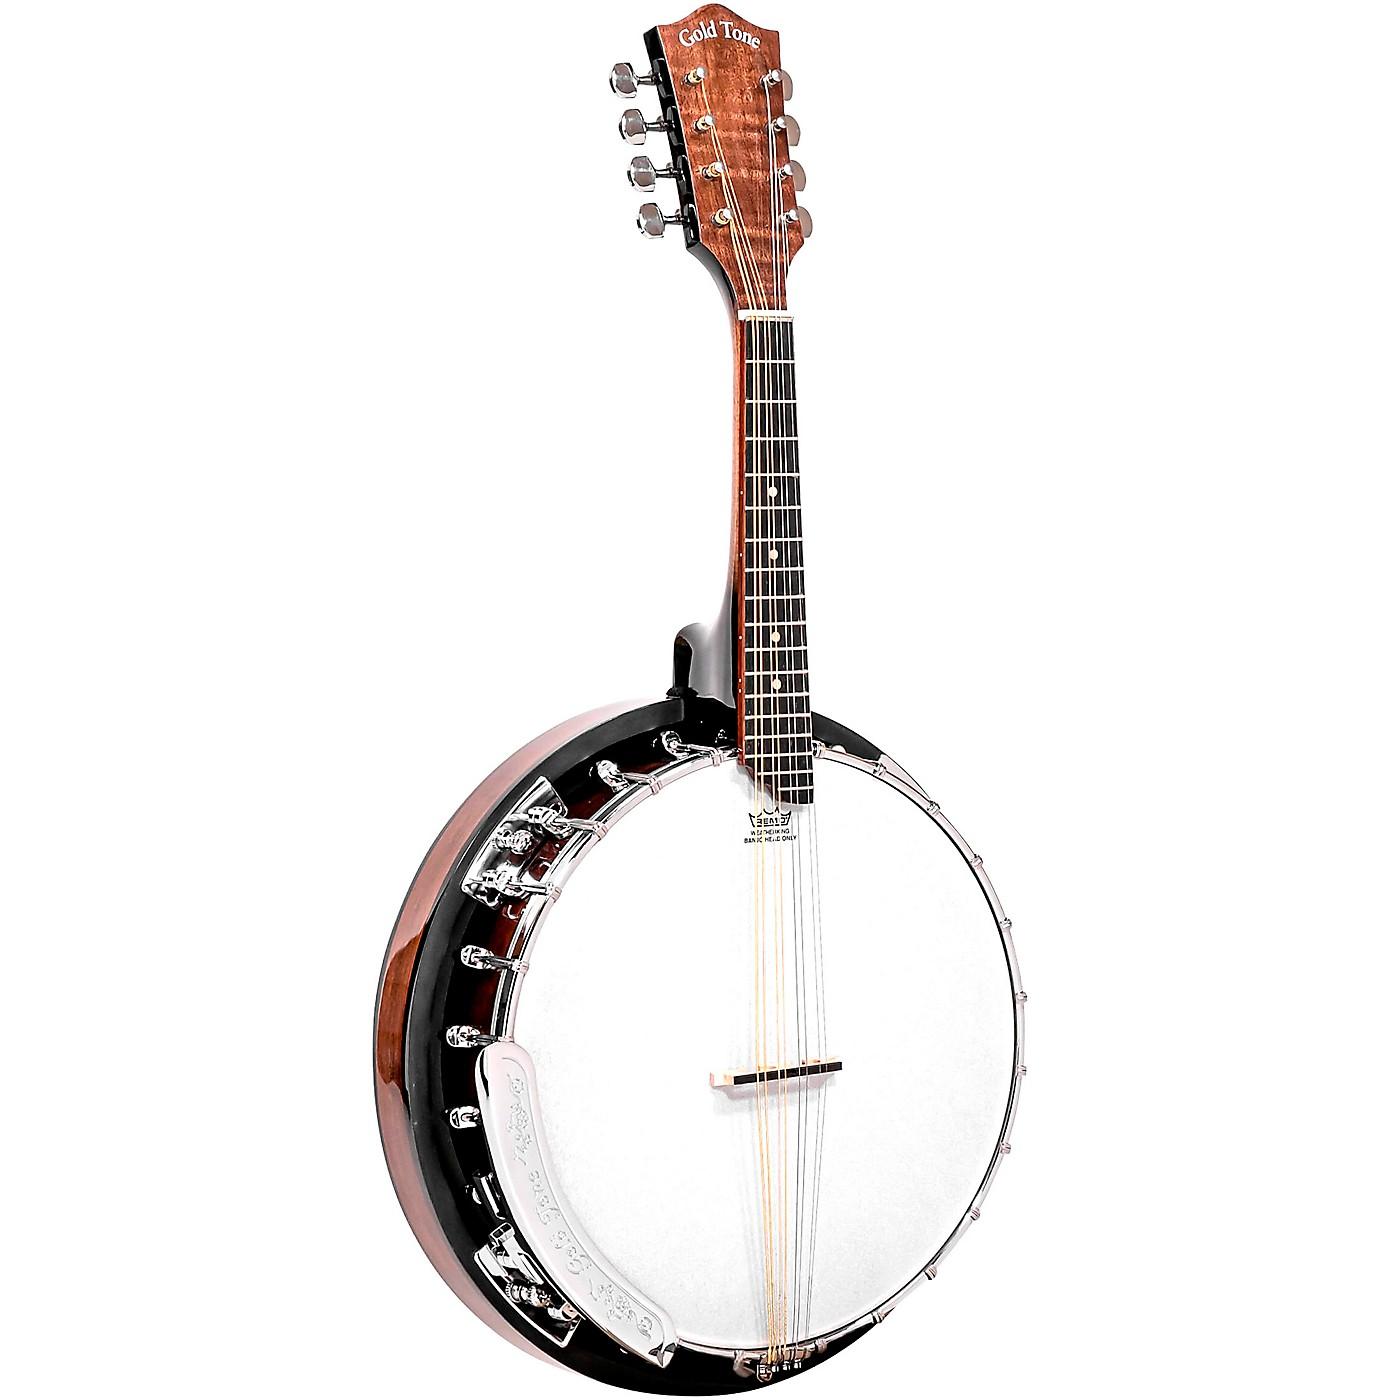 Gold Tone MB-850+ Mandolin Banjo thumbnail